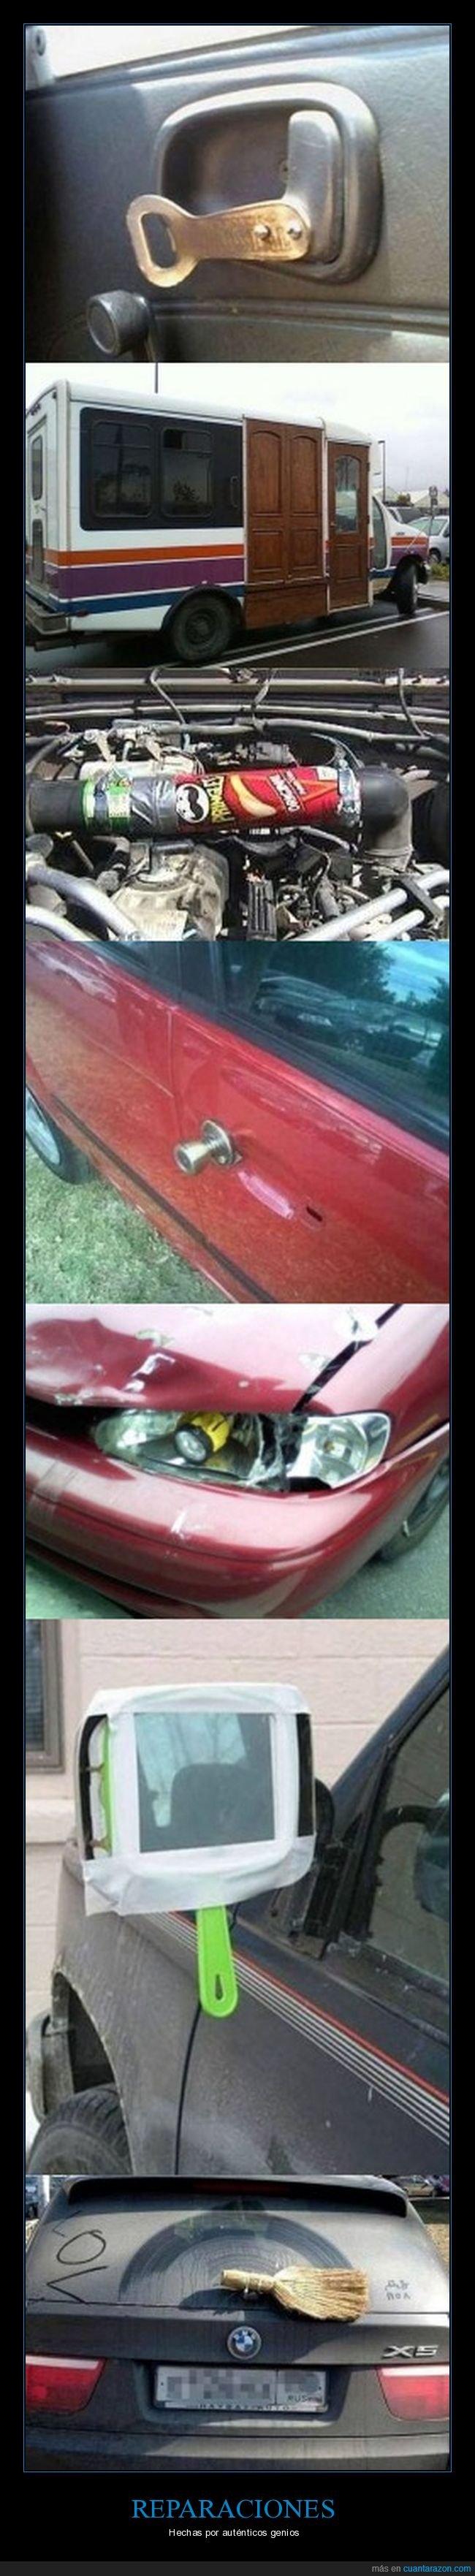 coches,fails,reparaciones